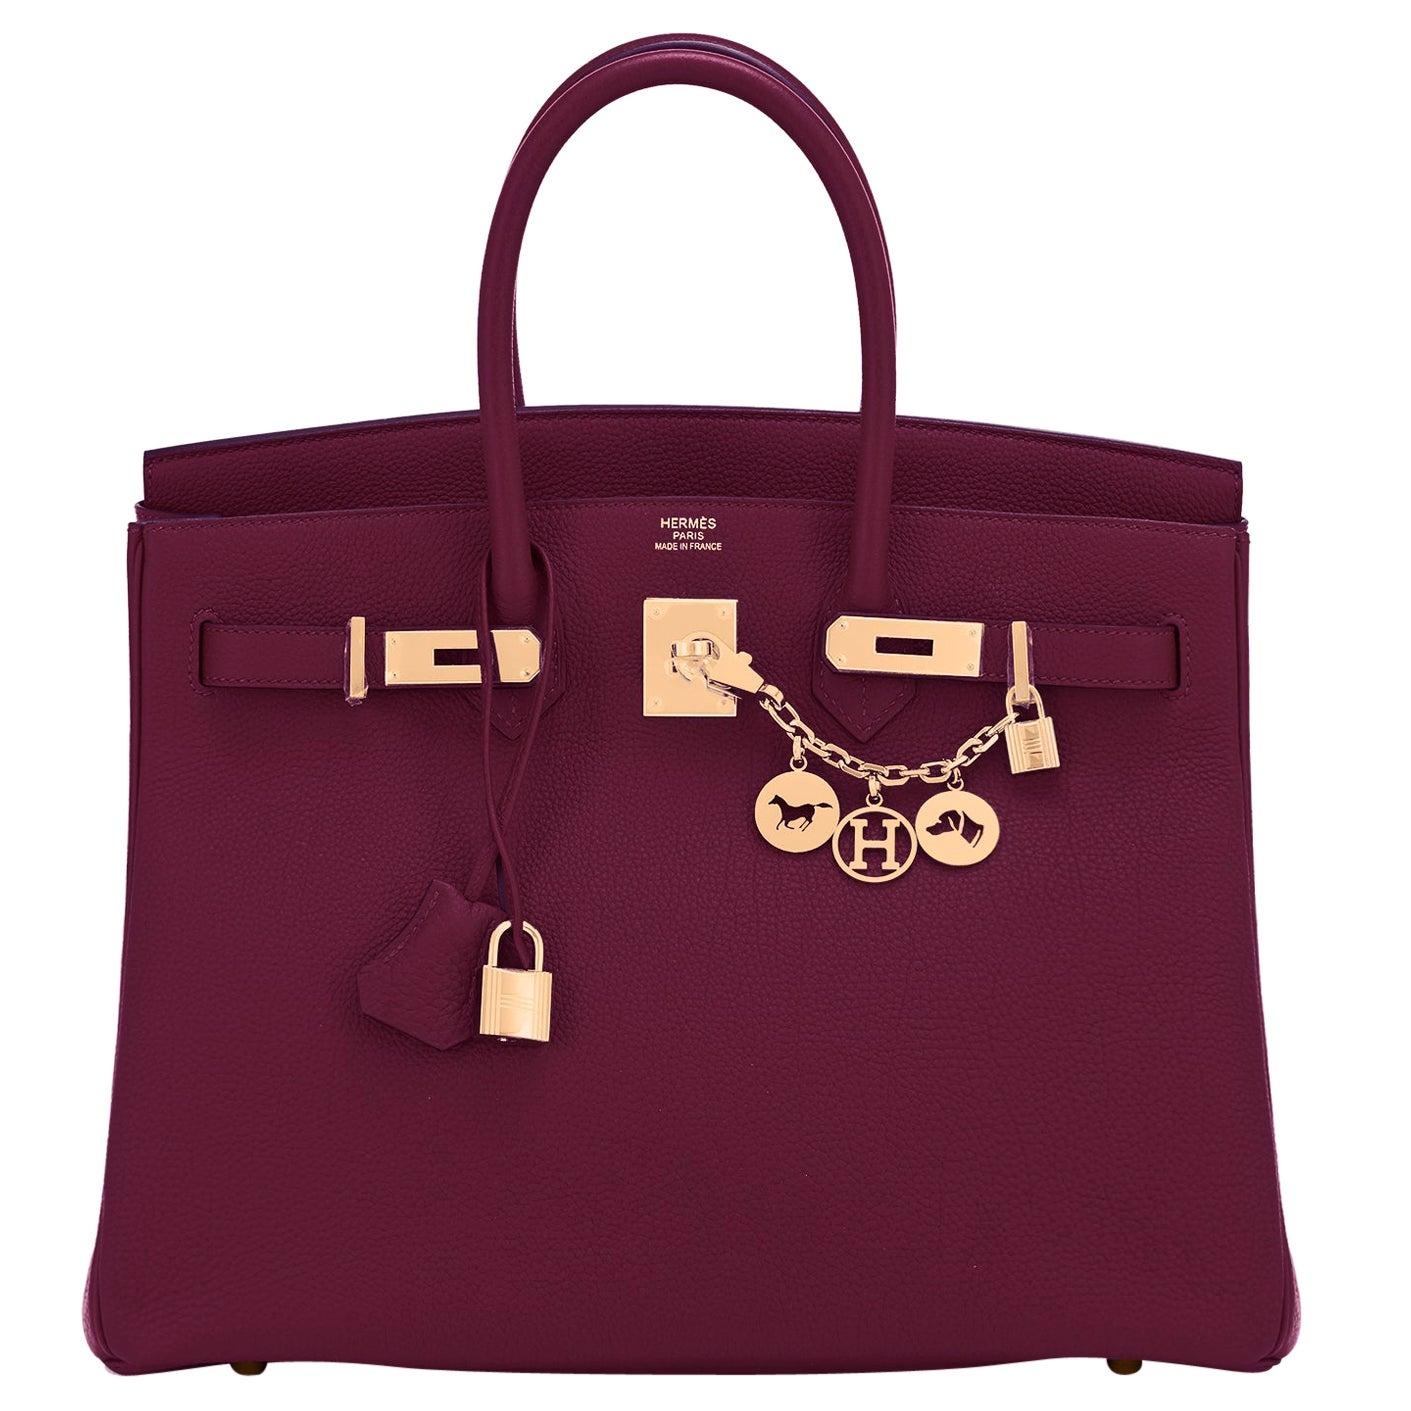 Hermes Birkin 35cm Rouge H Togo Deep Bordeaux Red Gold Birkin Bag Y Stamp, 2020